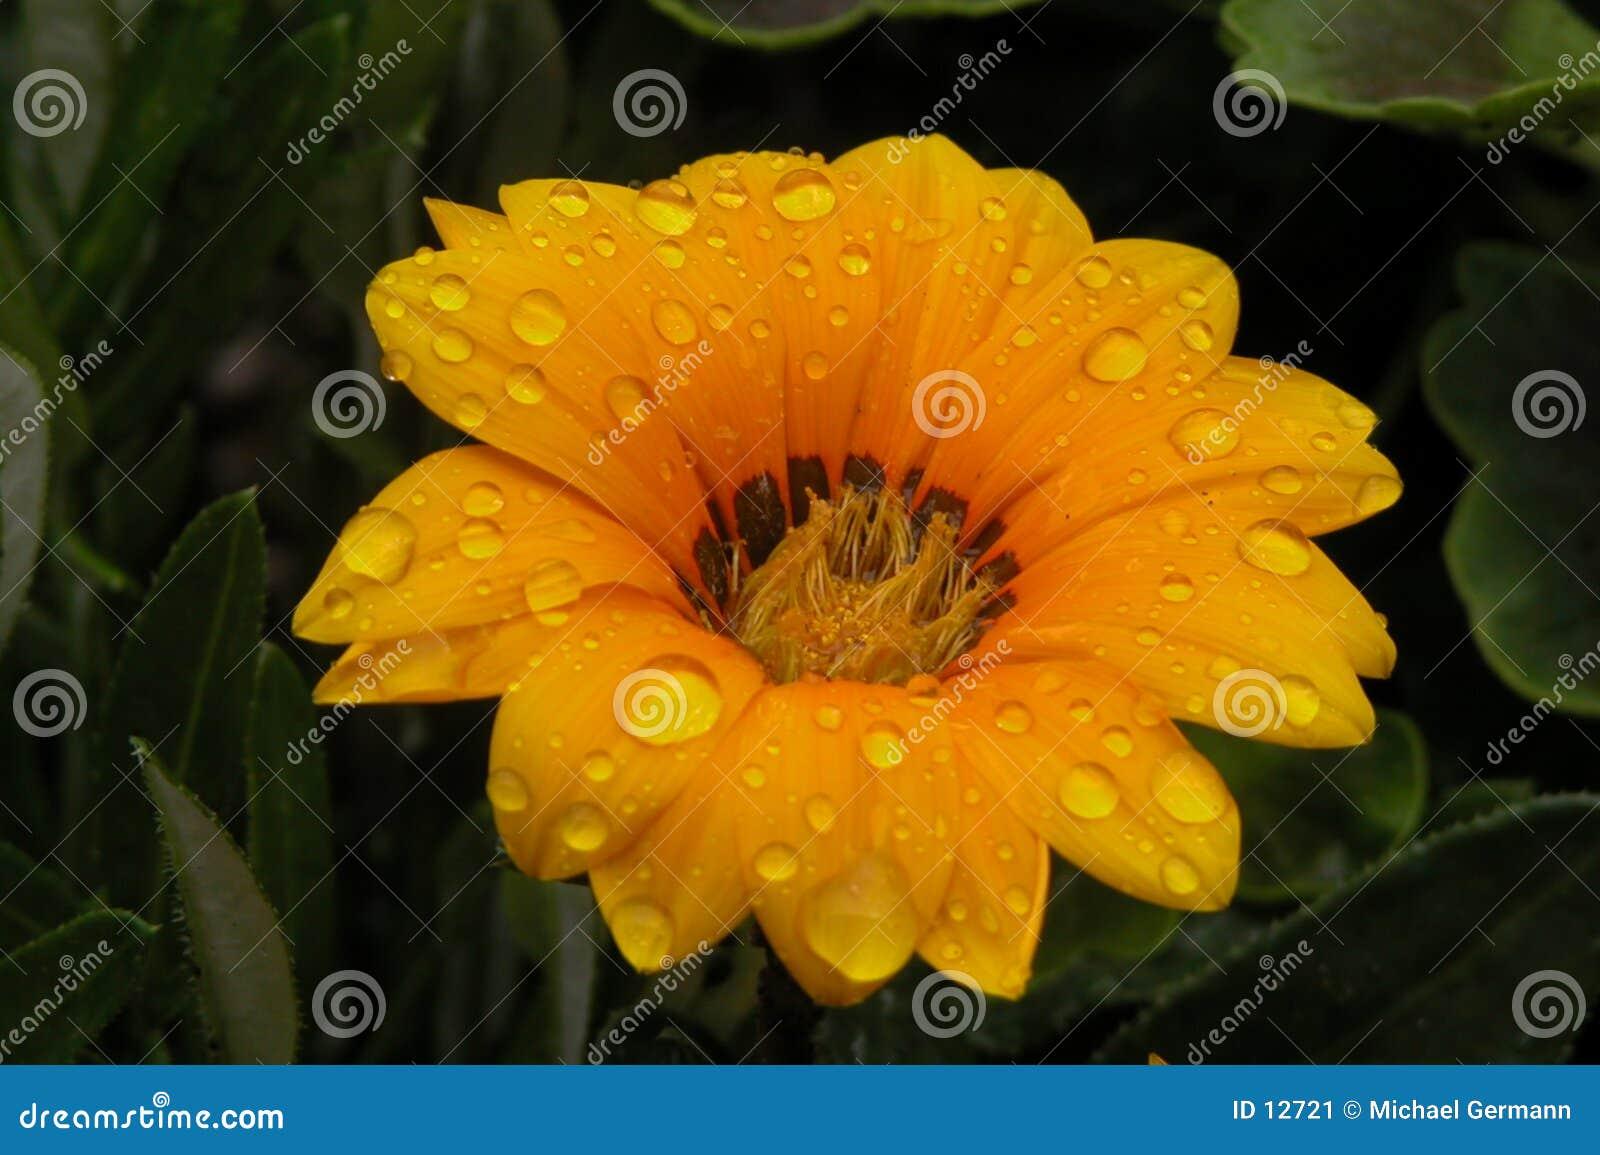 Tröpfchen auf Blume